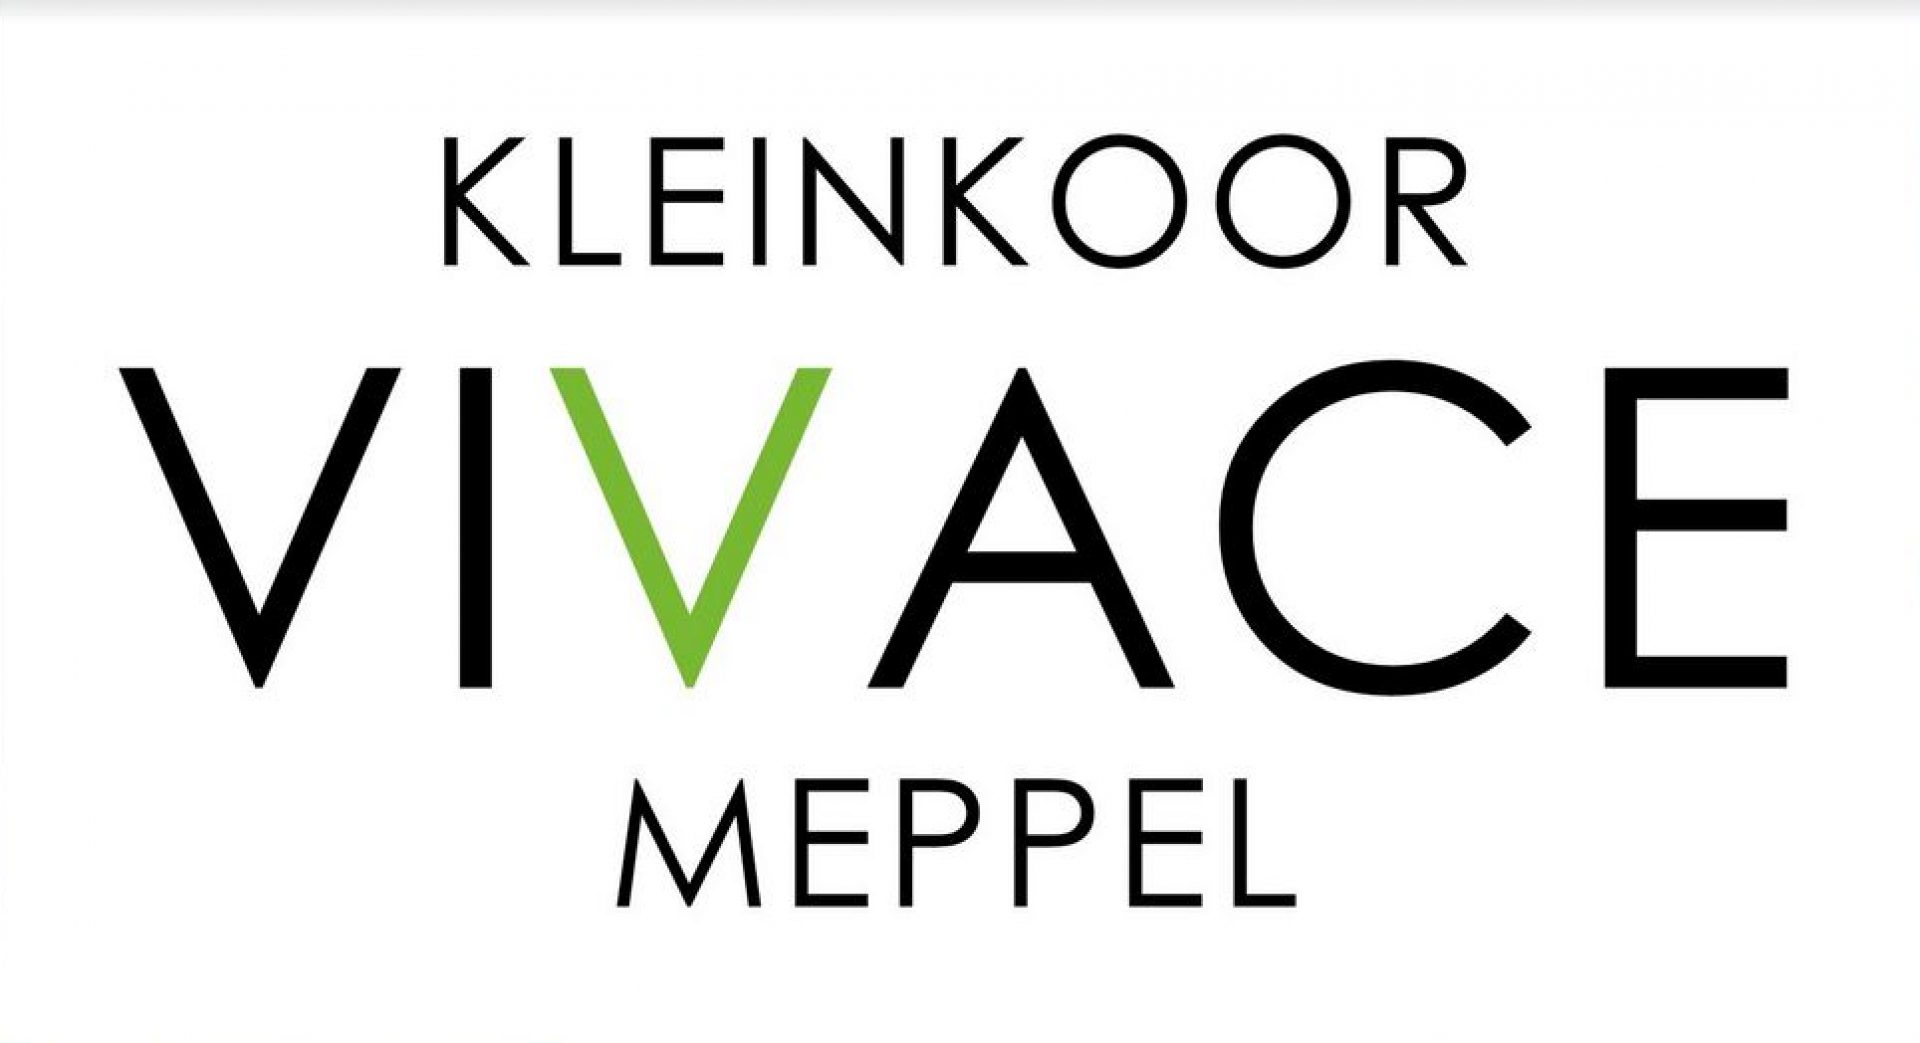 Vivace Kleinkoor Meppel